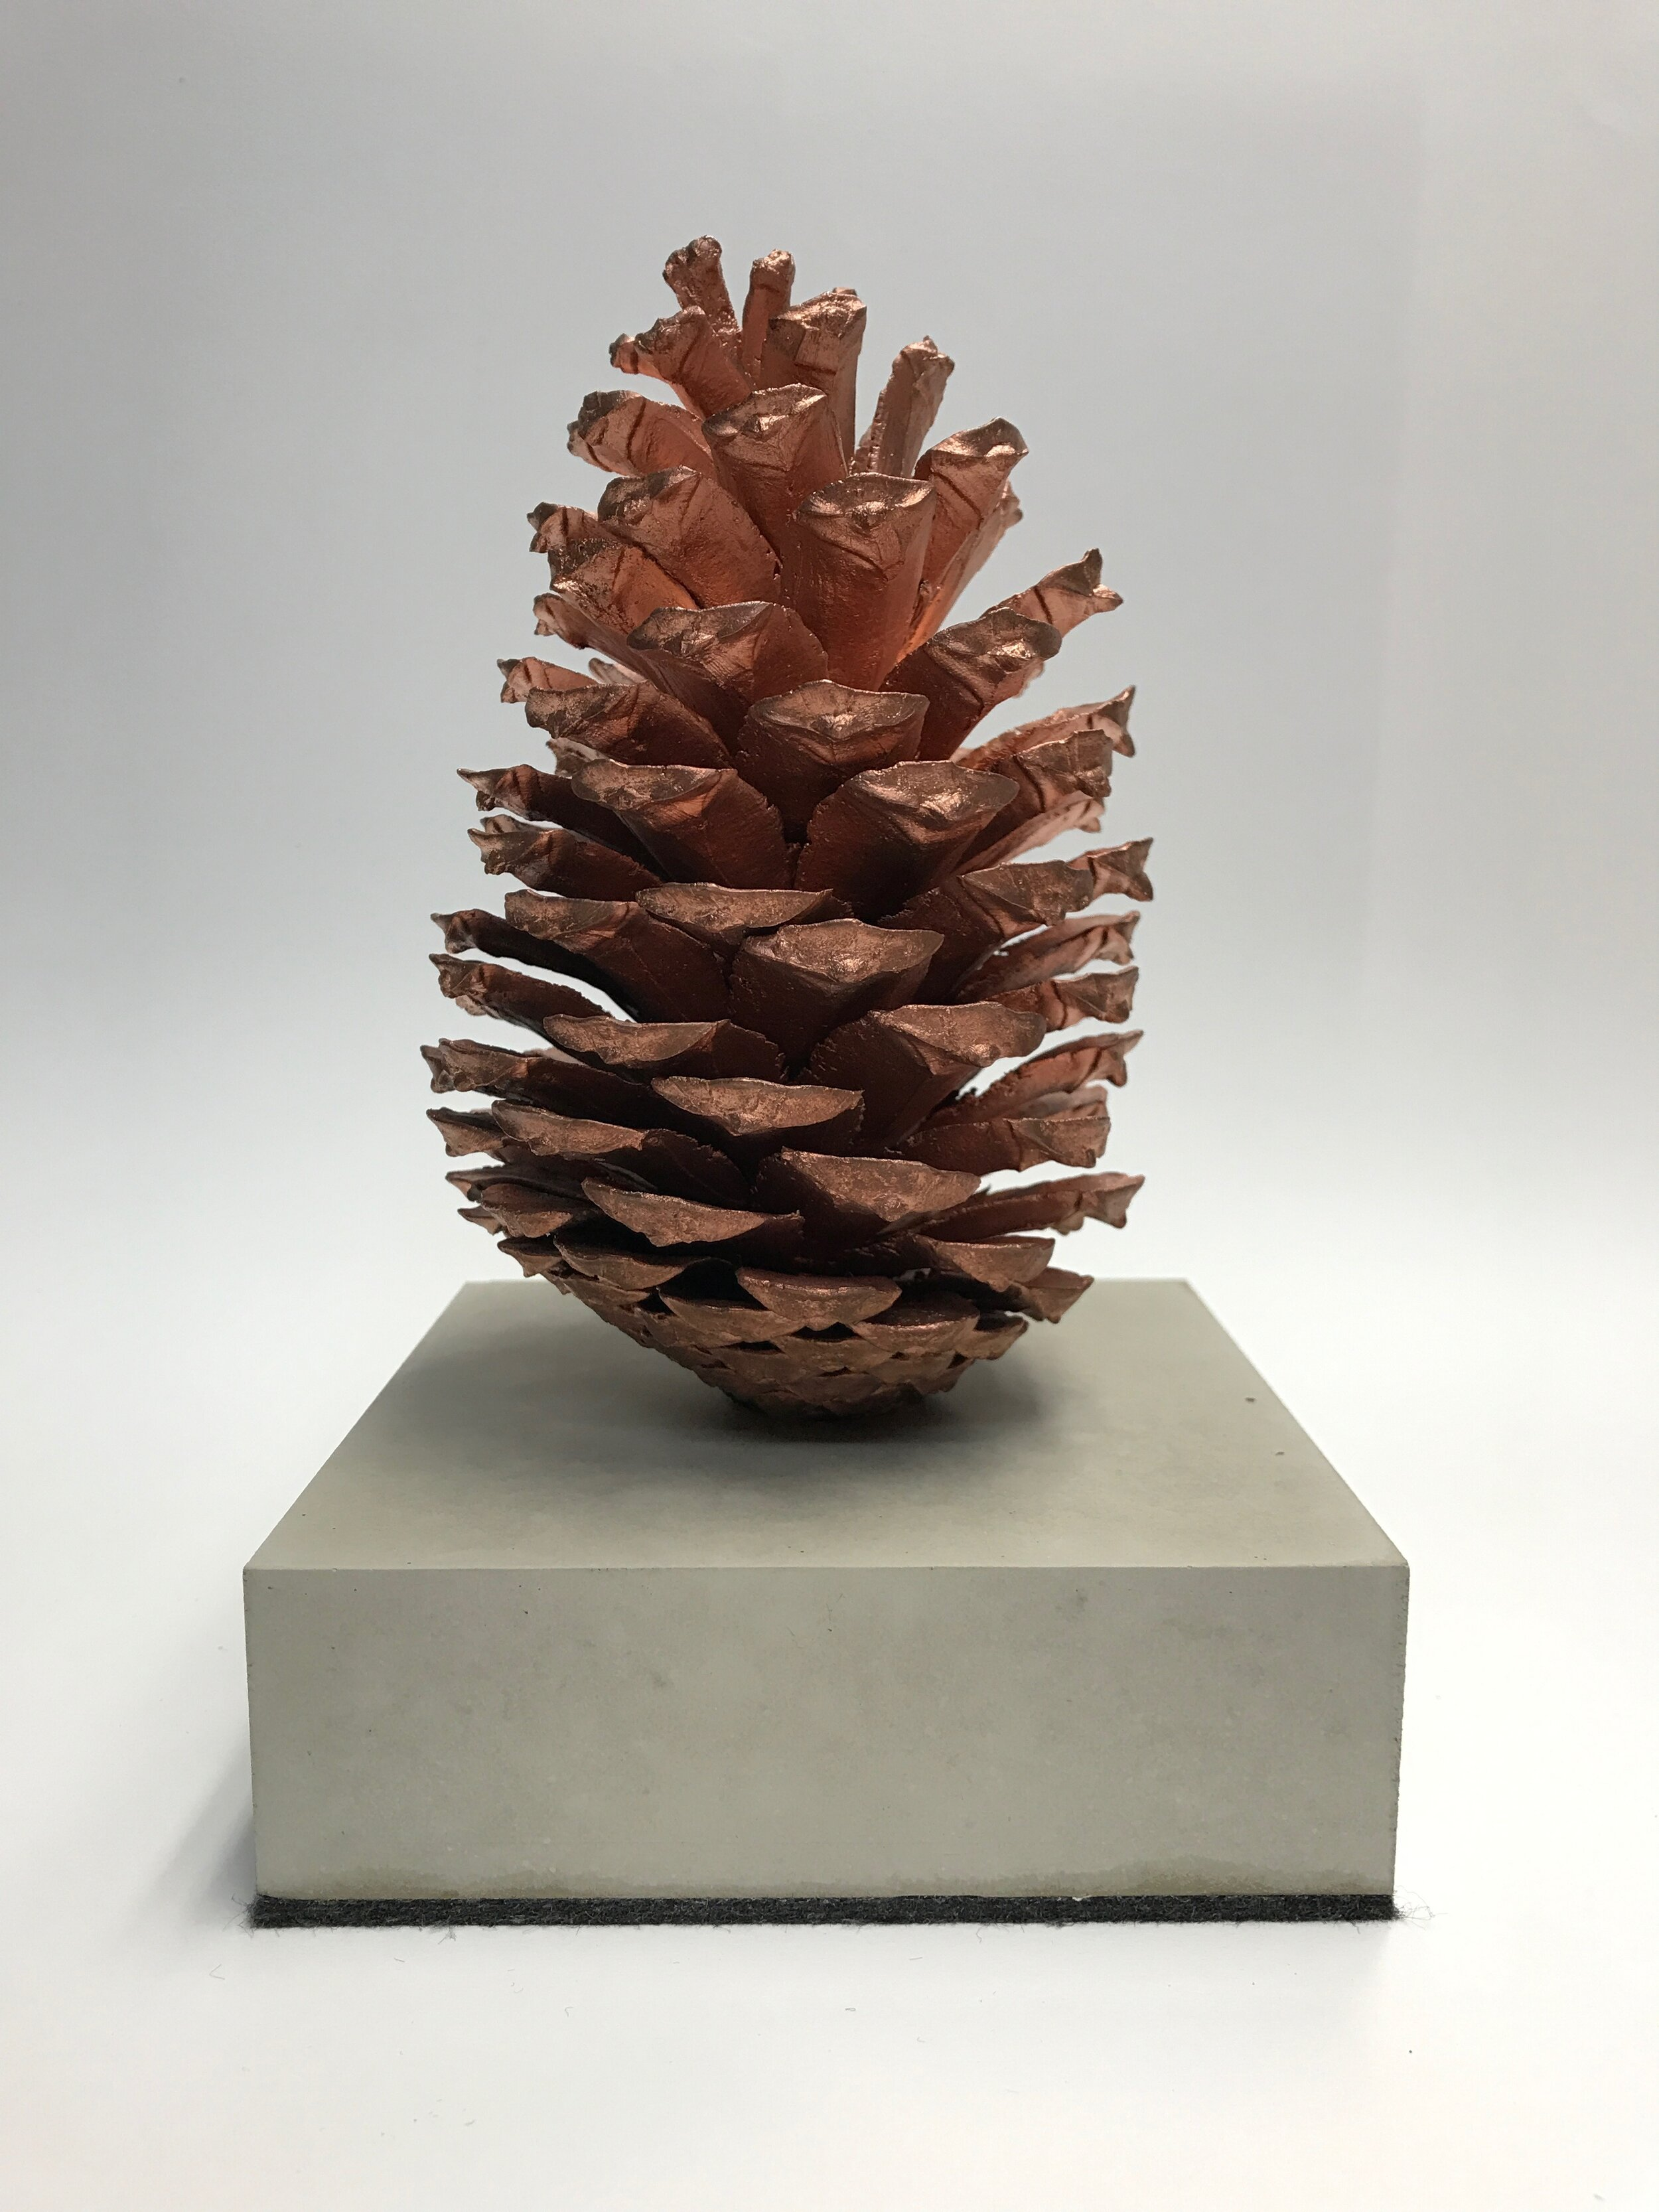 Bronzeguss auf einem Sockel aus Nanobeton. Für einen Kunden aus der Forstindustrie. Der Zapfen als Zeichen der Zukunft.